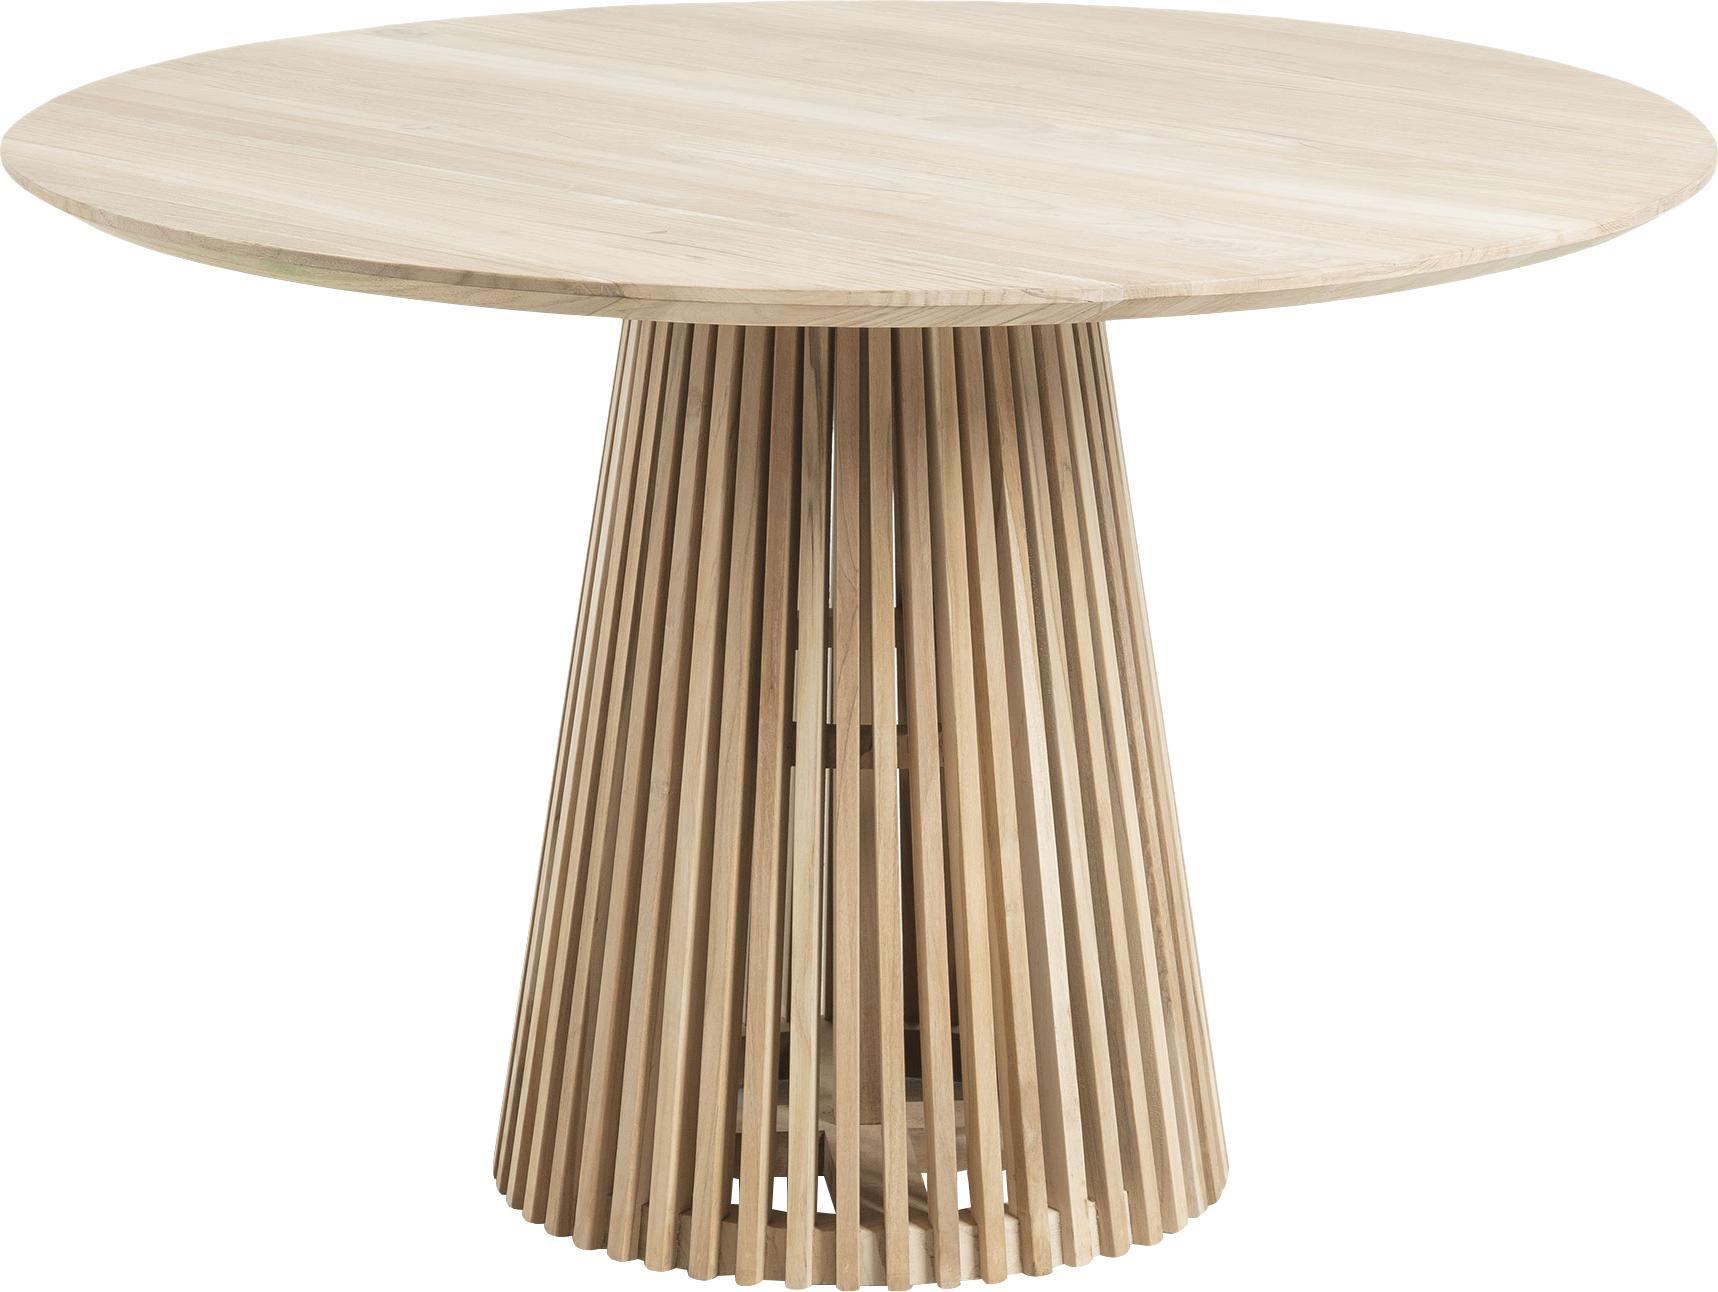 Okrągły stół do jadalni z litego drewna Jeanette, Naturalne drewno tekowe, Drewno tekowe, Ø 120 x W 78 cm